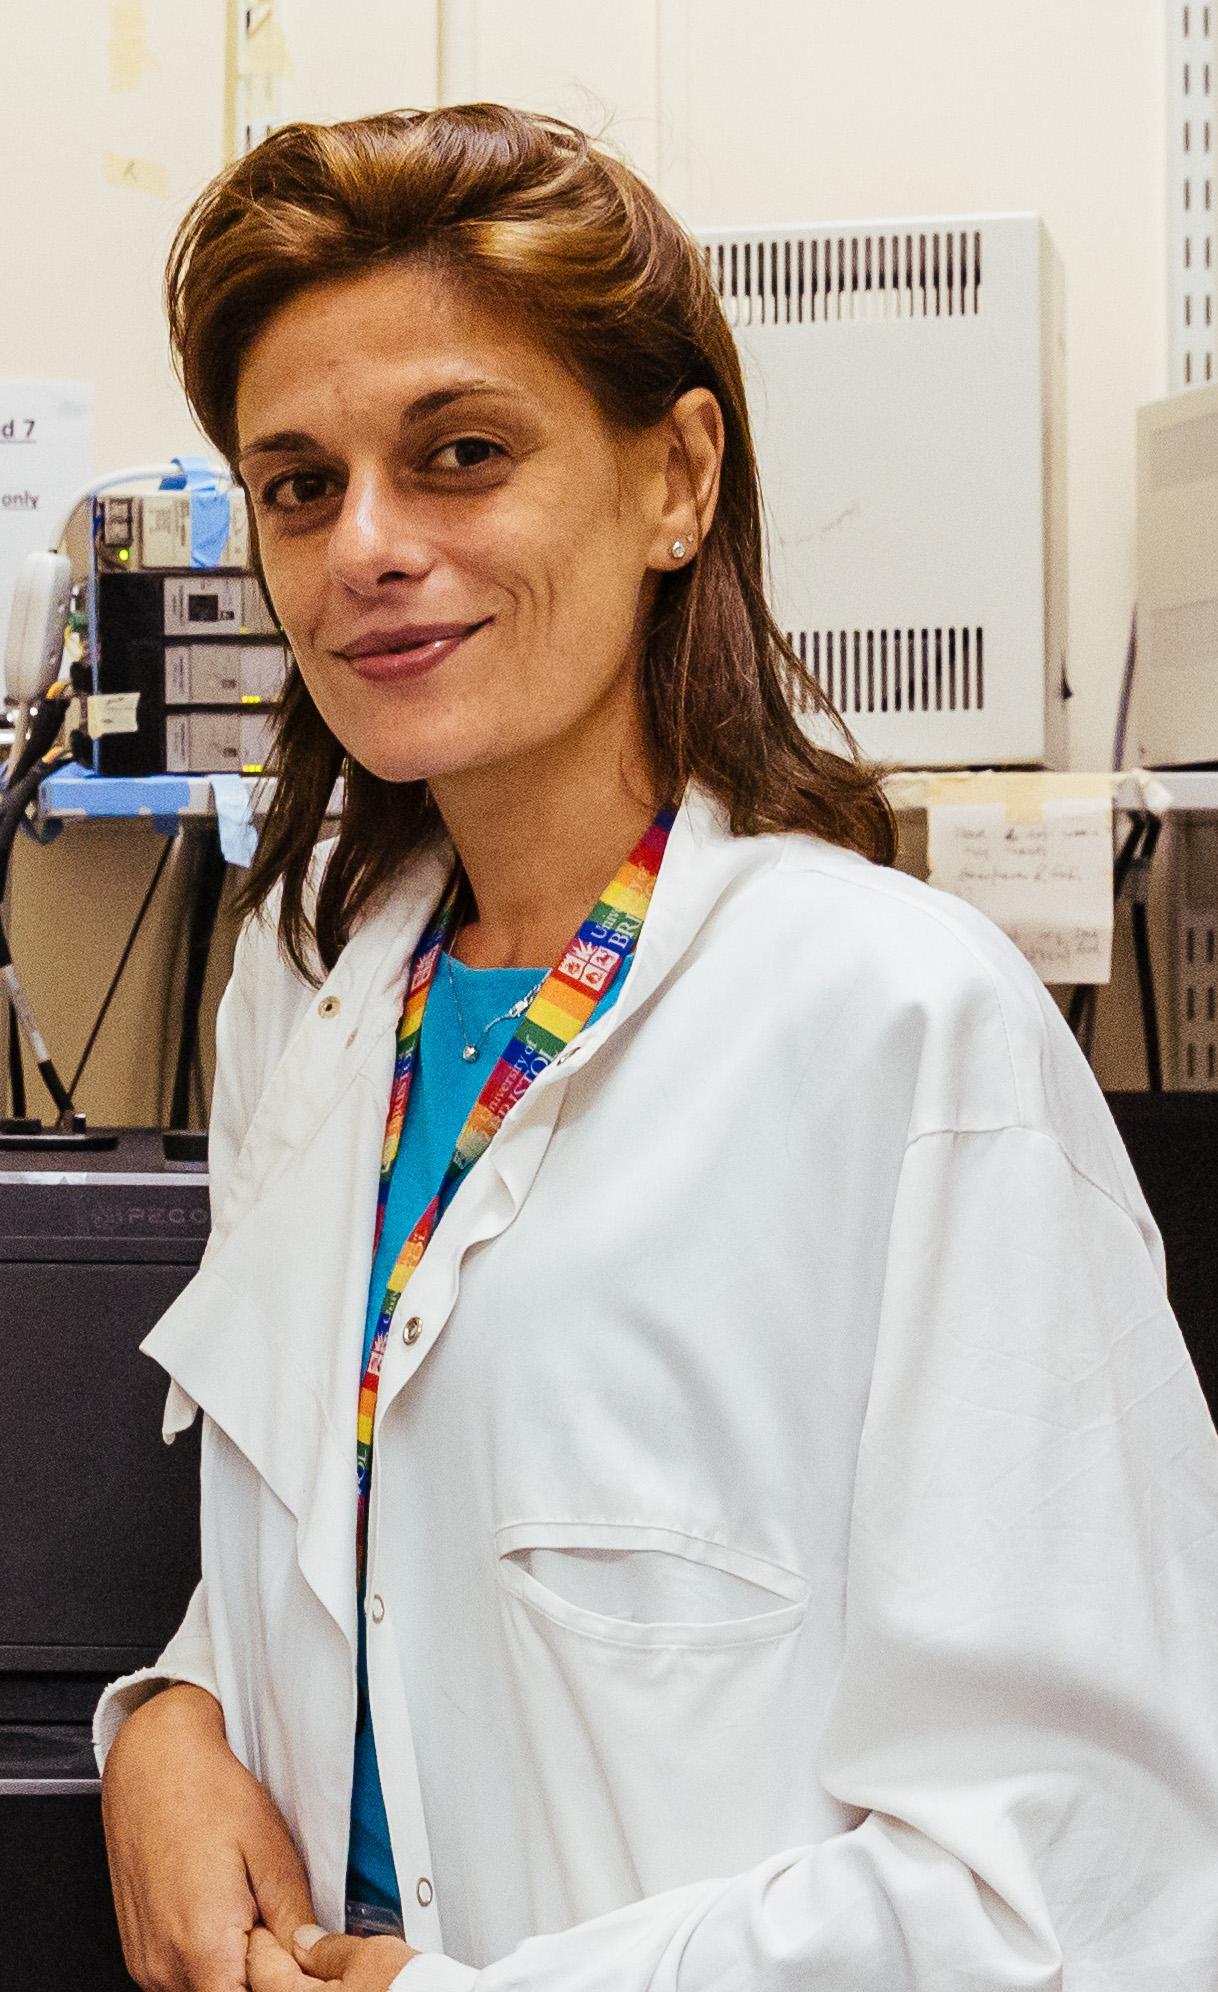 Dr Lucia Marucci